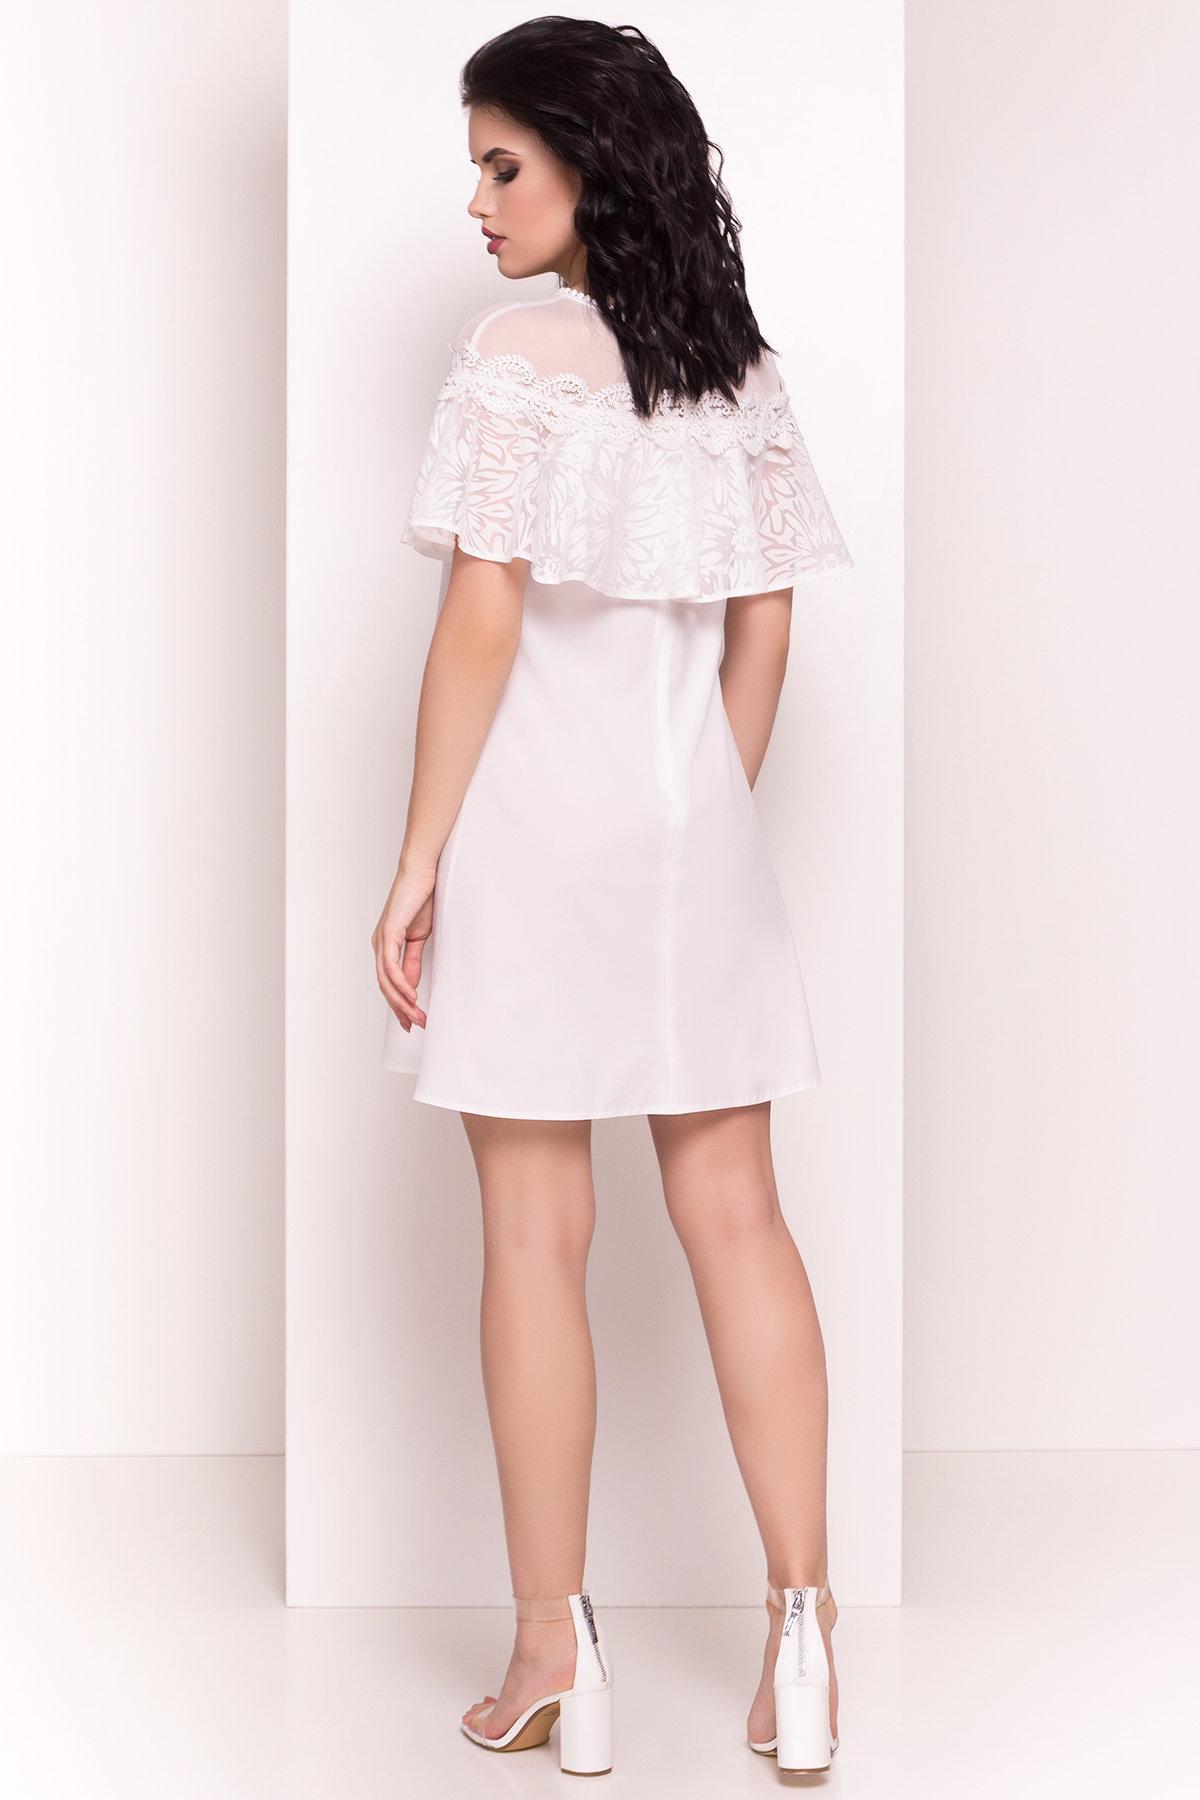 Платье Дени 4983 АРТ. 35386 Цвет: Молоко - фото 3, интернет магазин tm-modus.ru